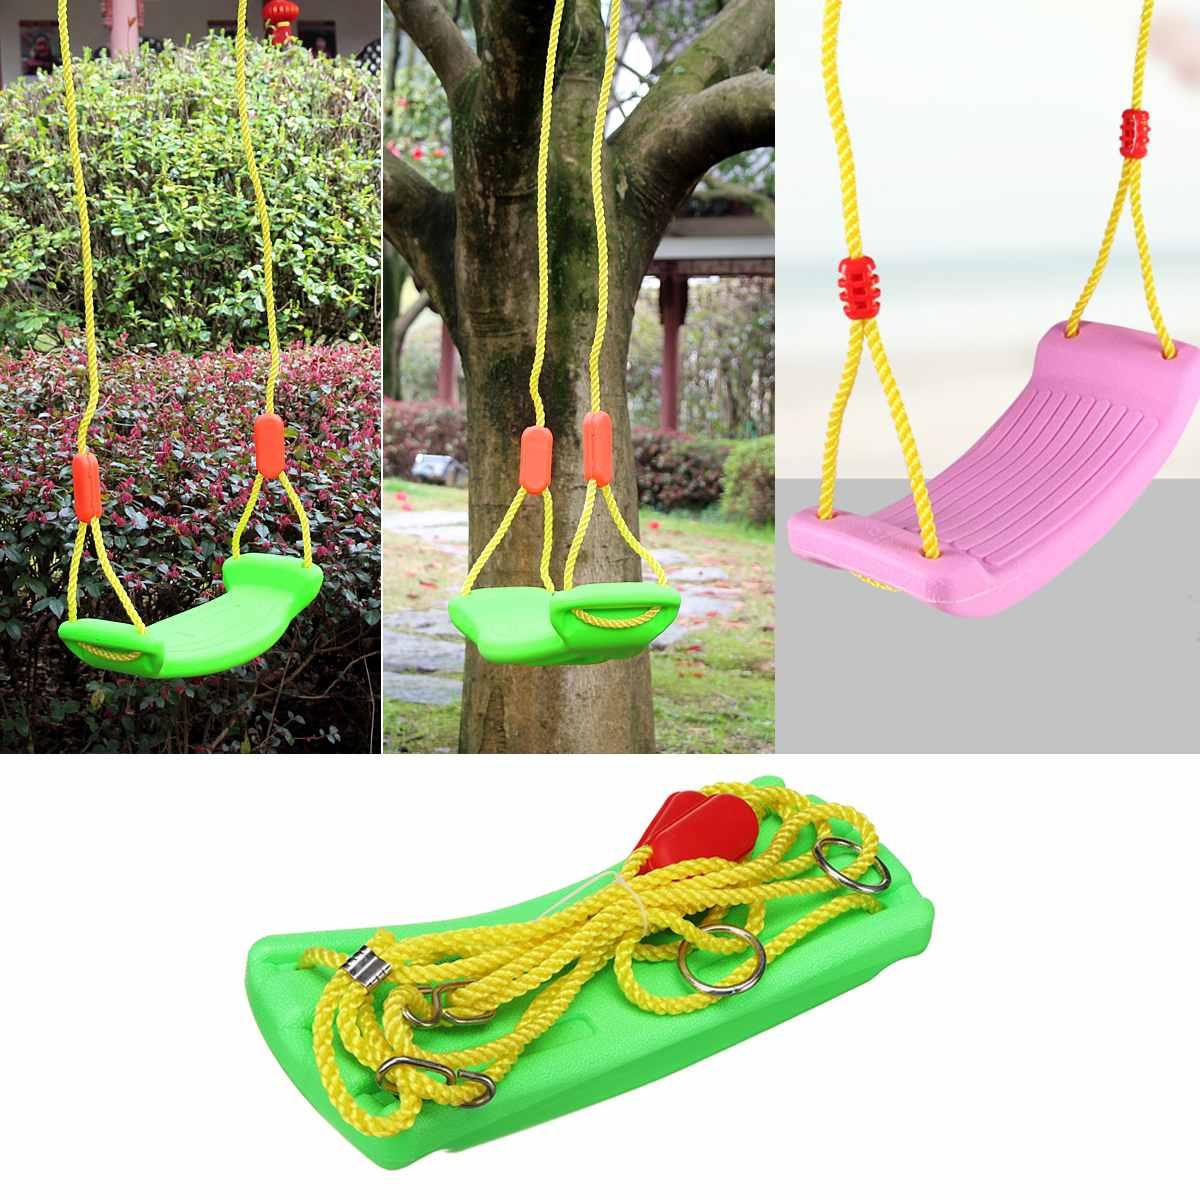 Indoor Outdoor Garden Swing Seat Baby Kids Children Toy U Type Adjustable  Rope Plastic Candy Color 37X17Cm Indoor Sport With Nest Swings With Adjustable Ropes (View 21 of 25)